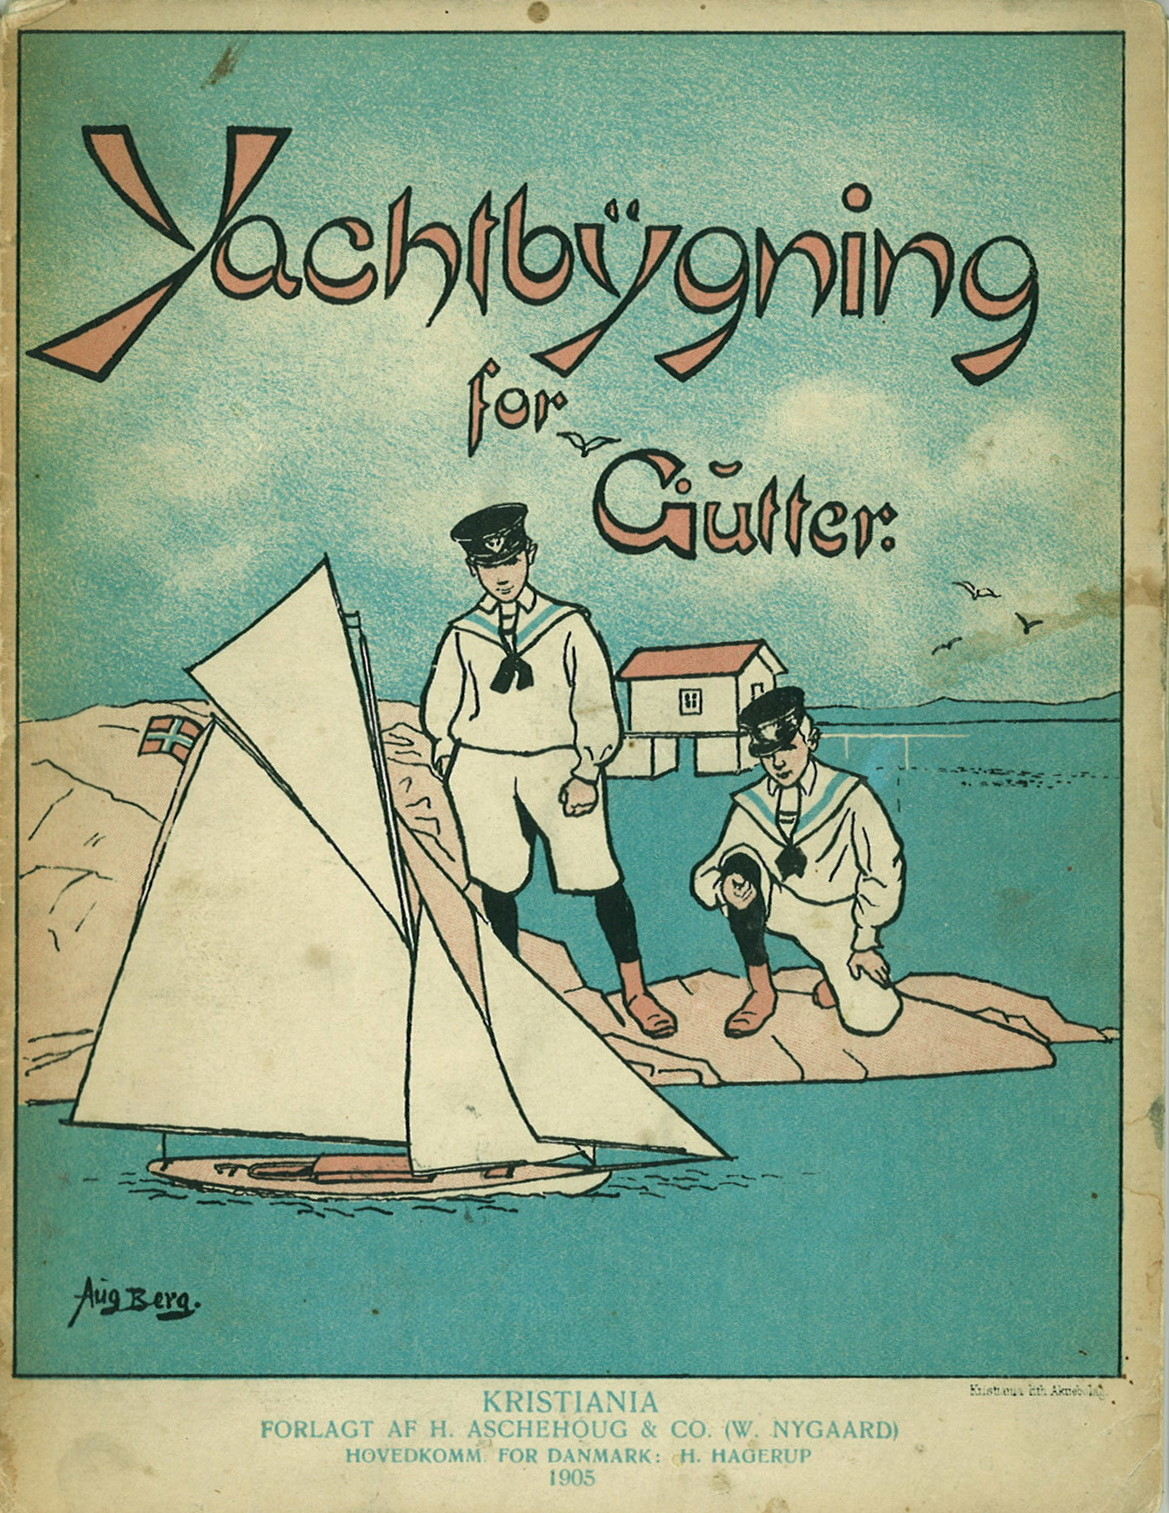 Yachtbygning for gutter. Af Sailor. Kristiania